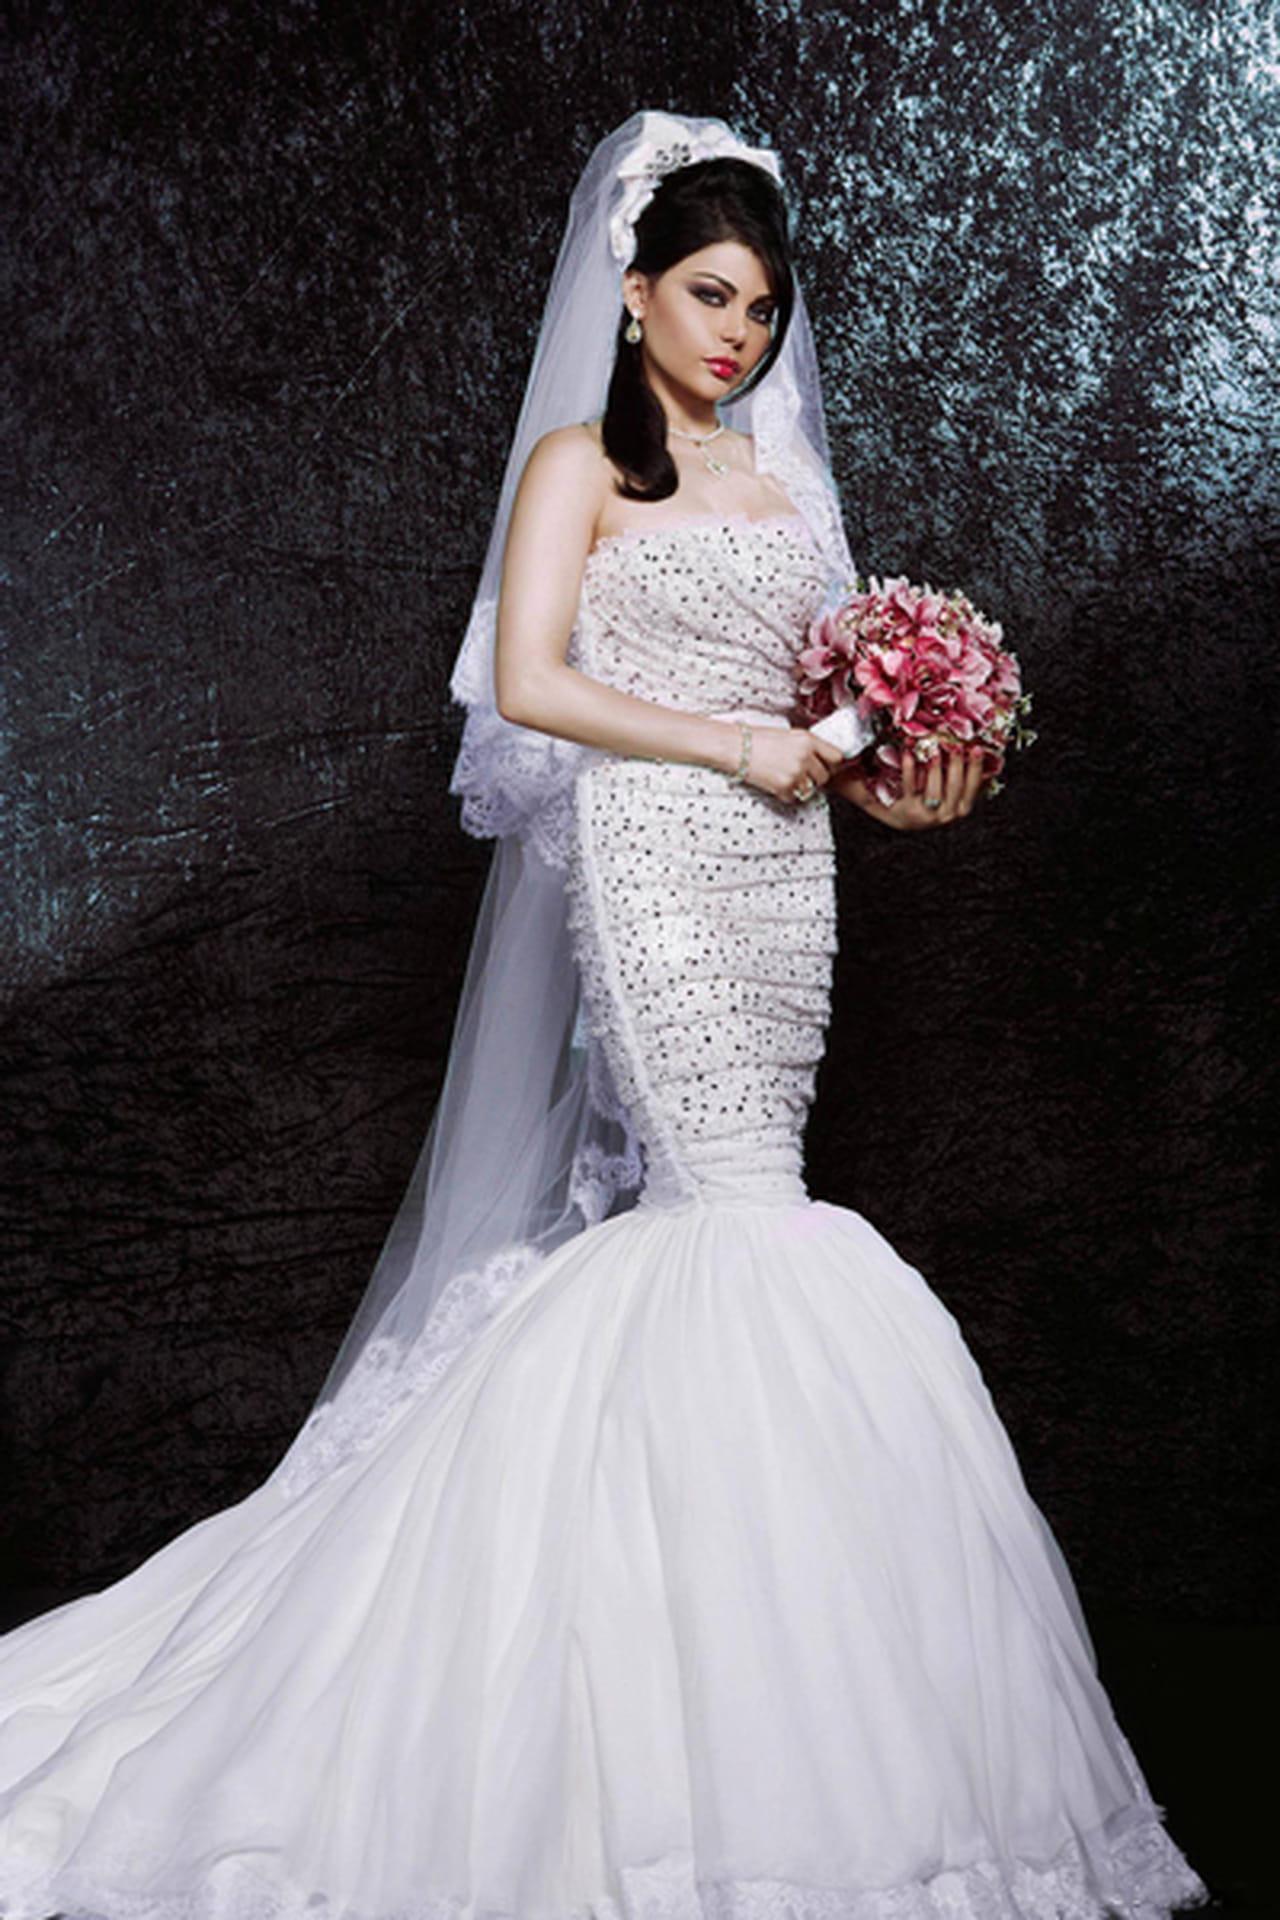 أغلى 10 فساتين زفاف في العالم